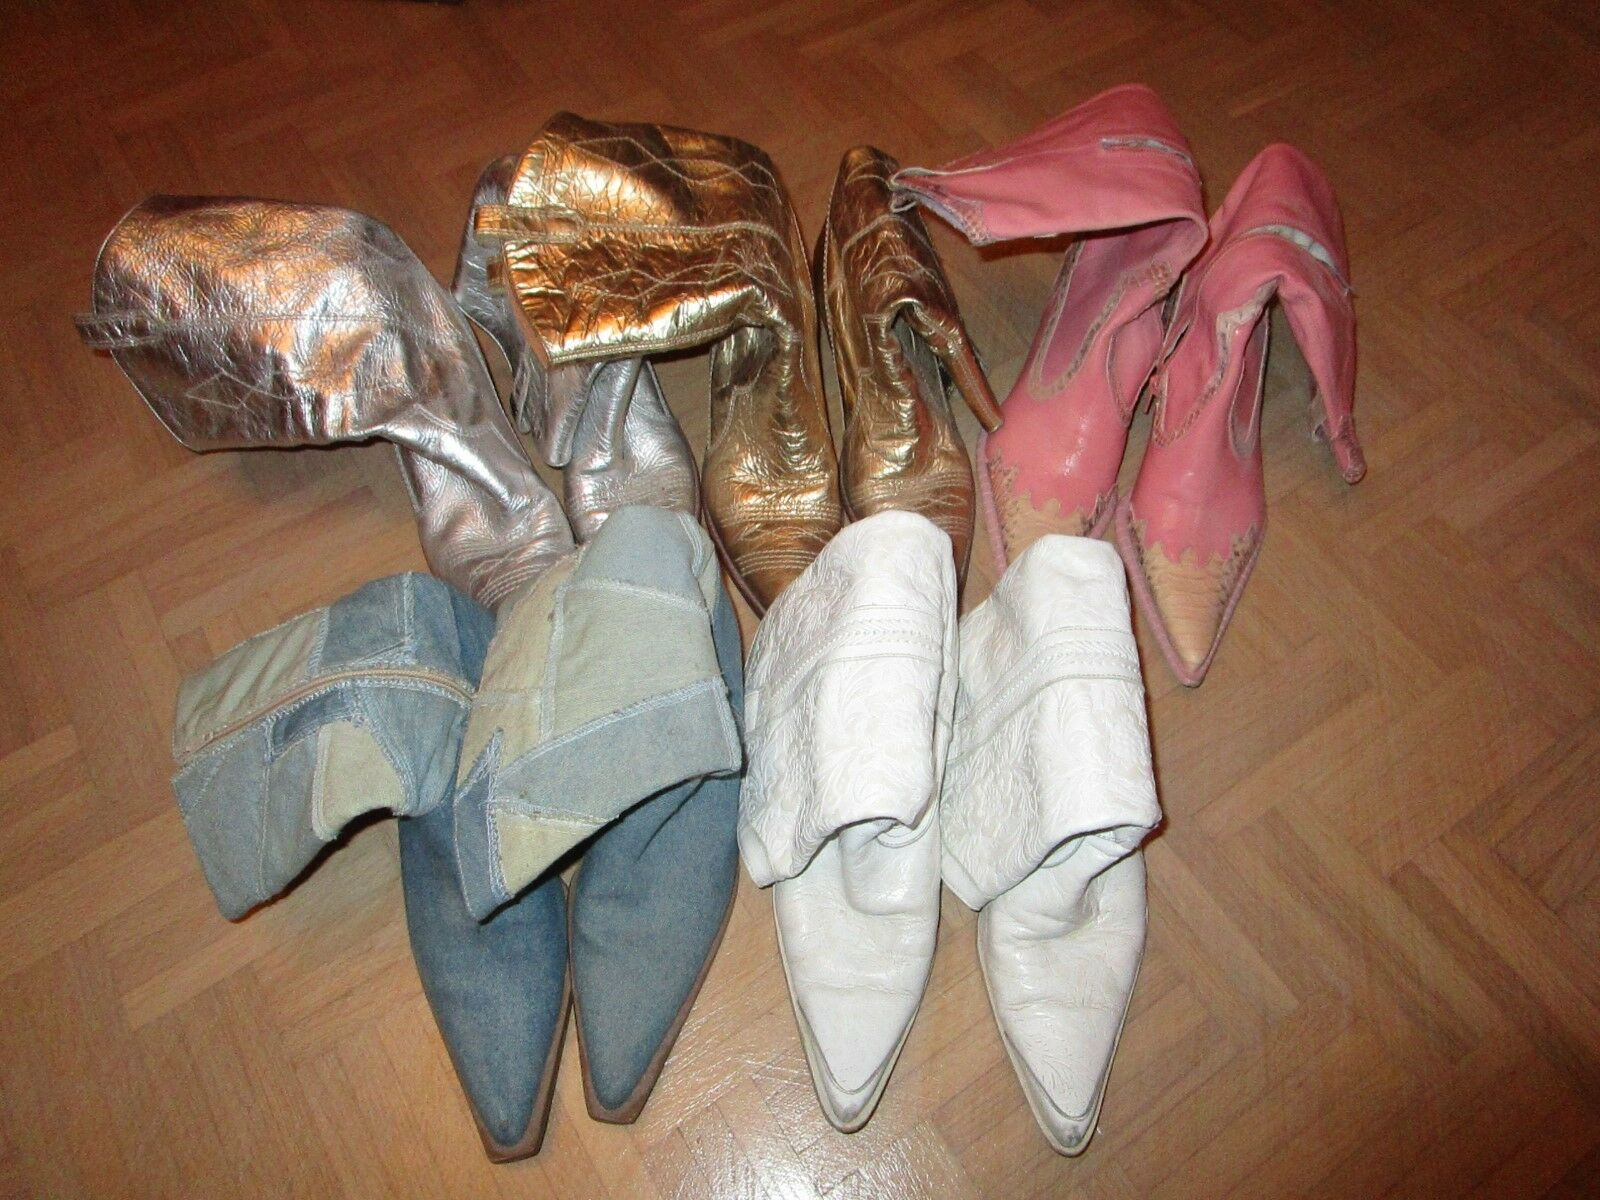 Cowboystiefel Stiefel Western Buffalo Buffalo Buffalo weiß Rosa Rosa Jeans Gold silber 41   35fbcb